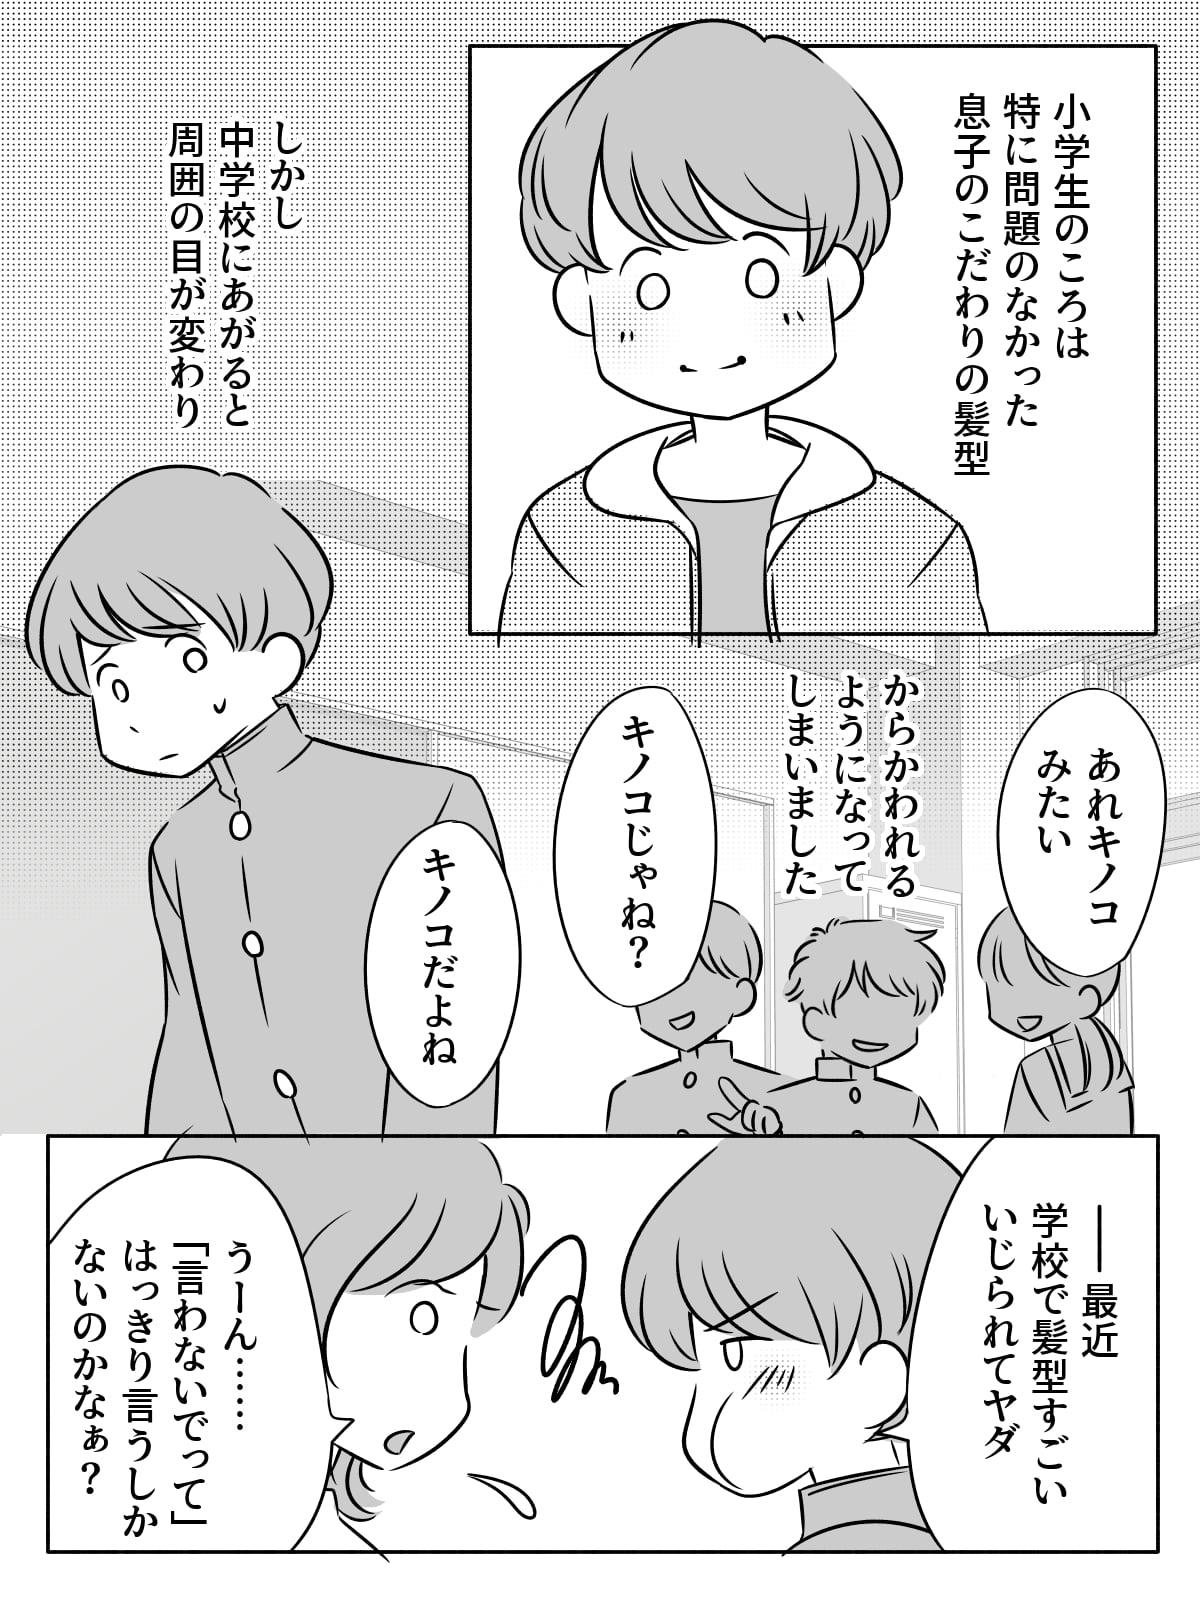 息子こだわりの髪型を同級生たちは「キノコ」とバカにした!01